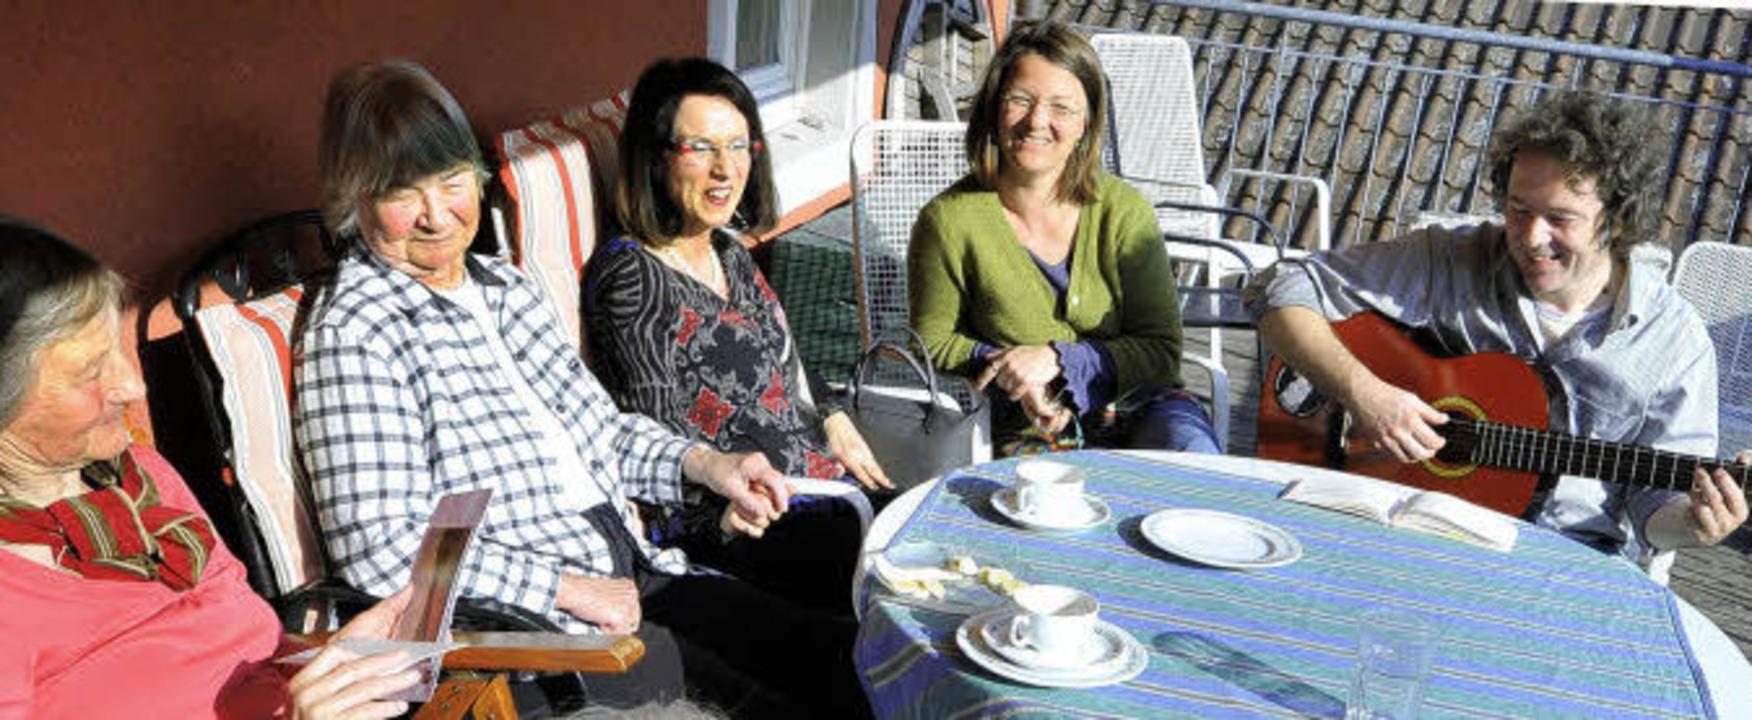 Wohlfühlen in der Wohngemeinschaft: Be...r Ulrike Bruhn (2. und 3. von links).     Foto: bamberger